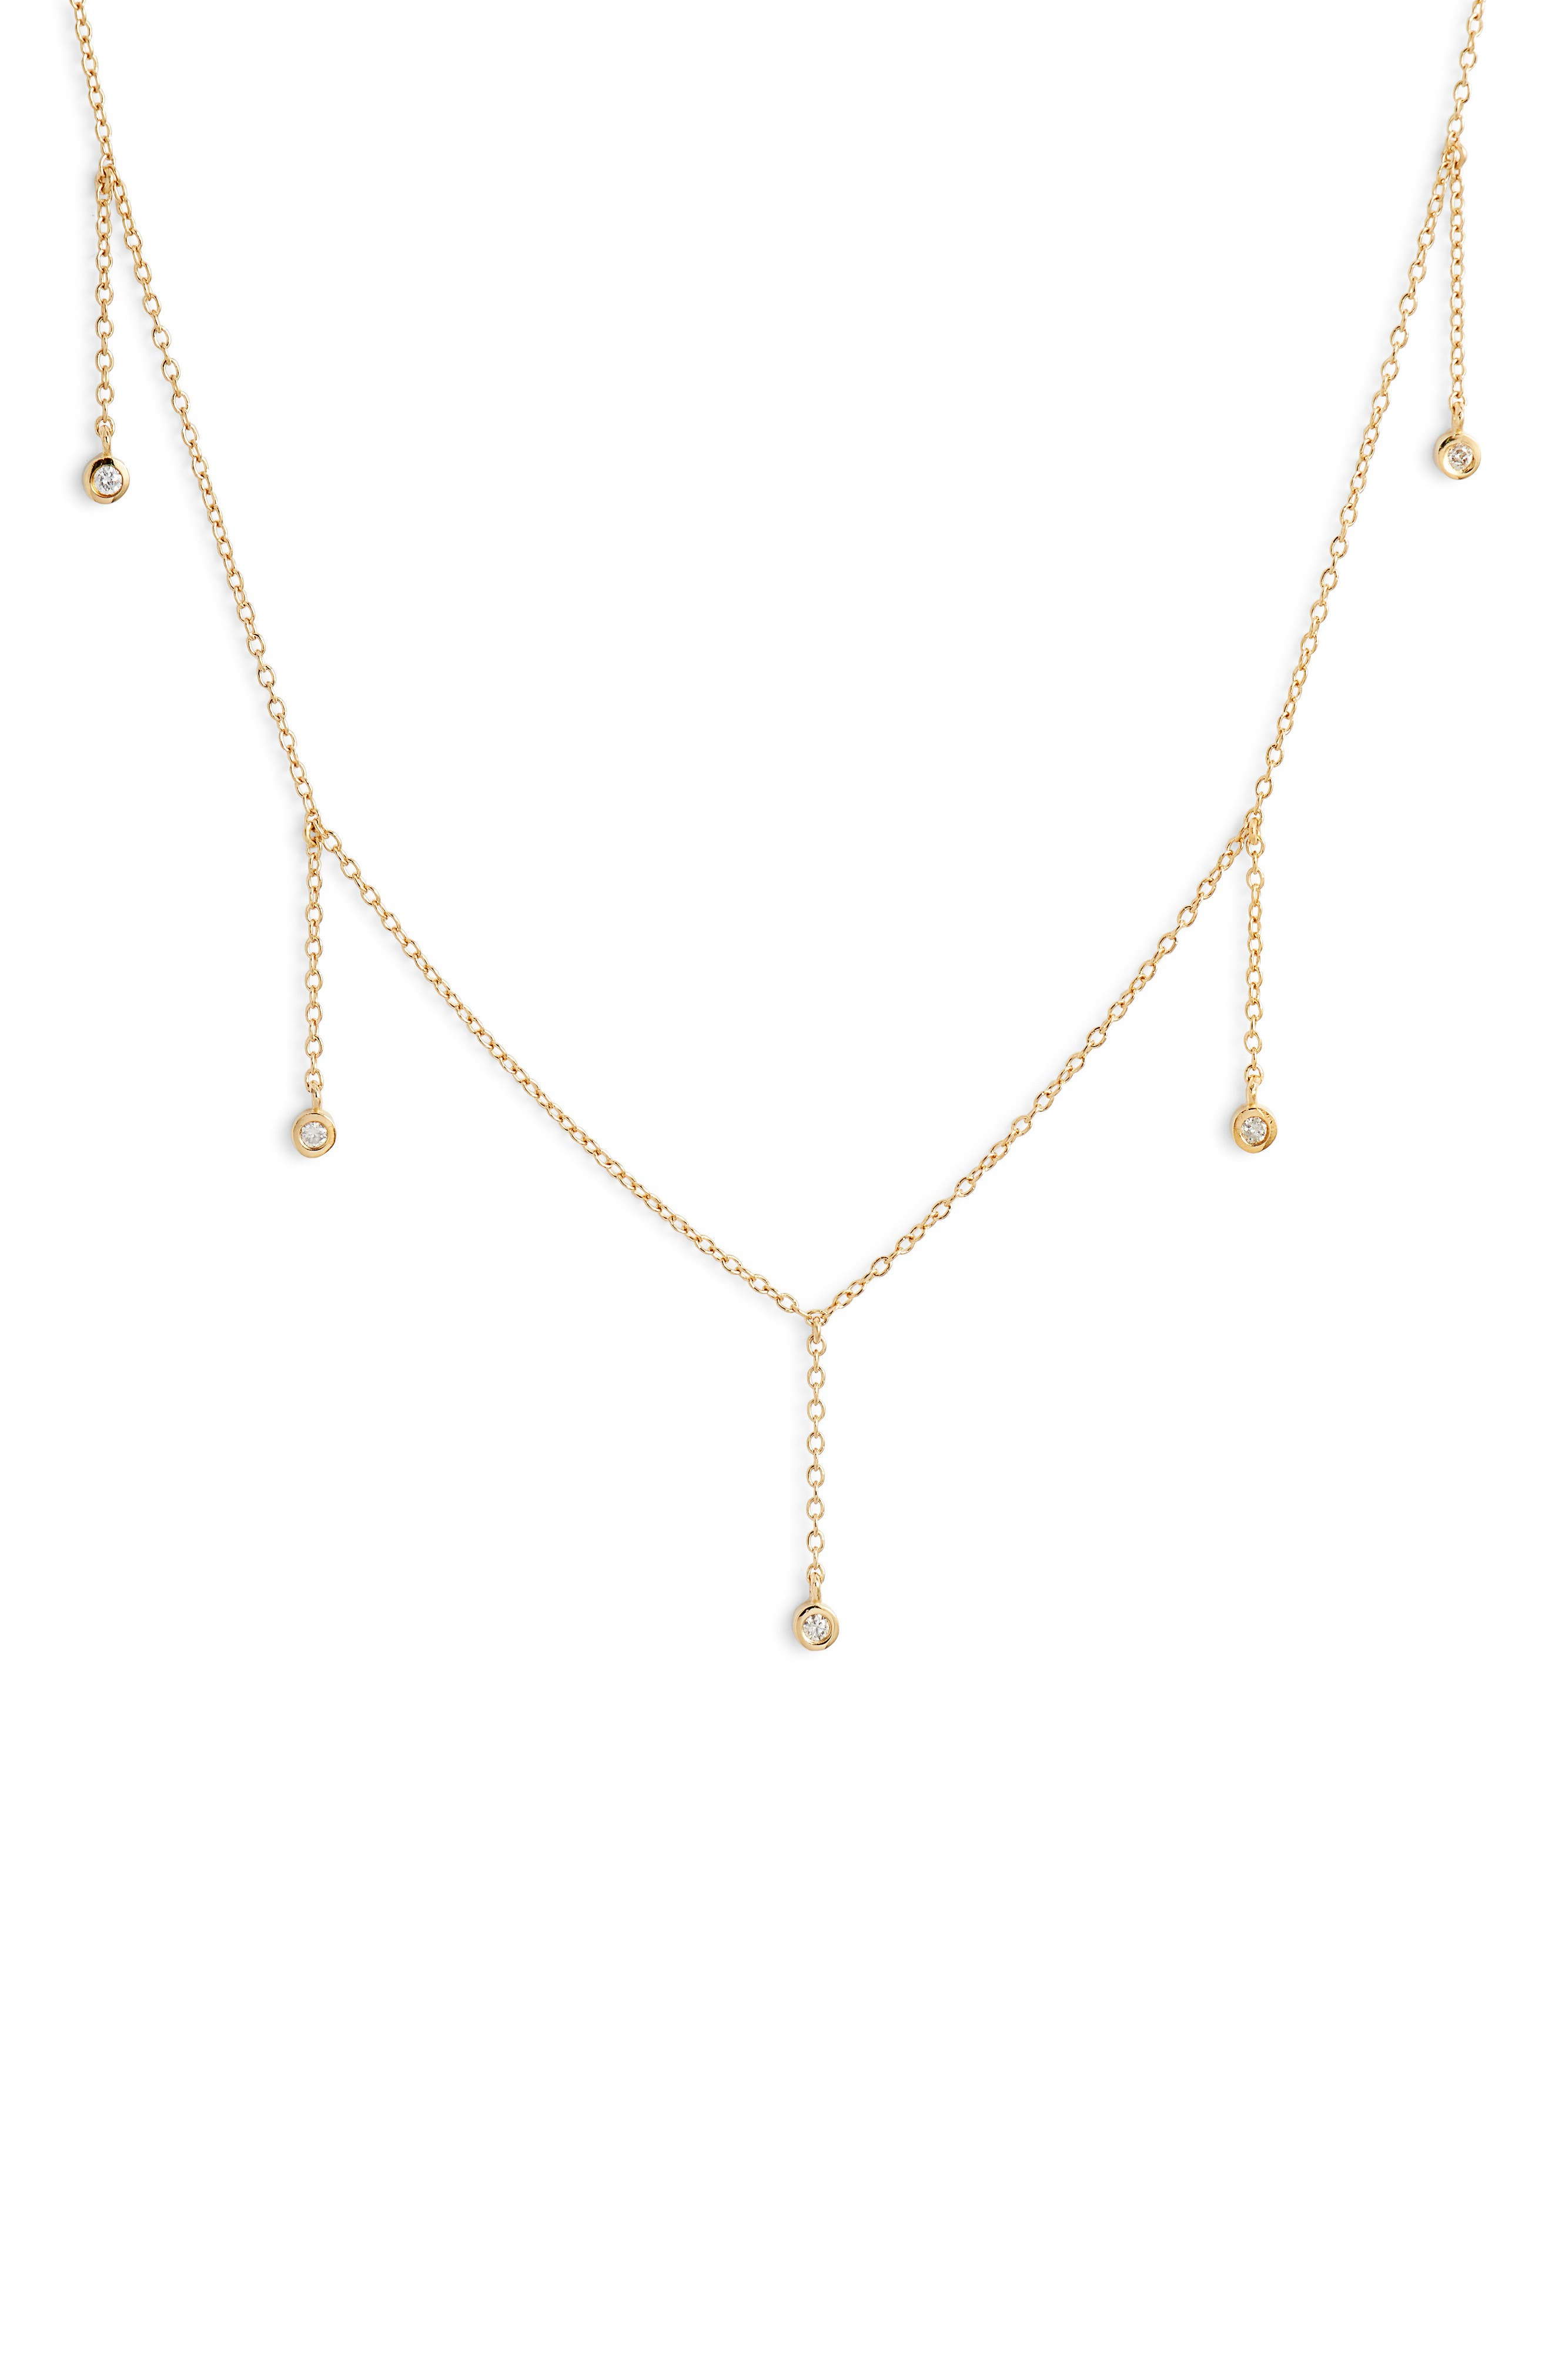 Colette Choker Necklace,                             Alternate thumbnail 2, color,                             Yellow Vermeil